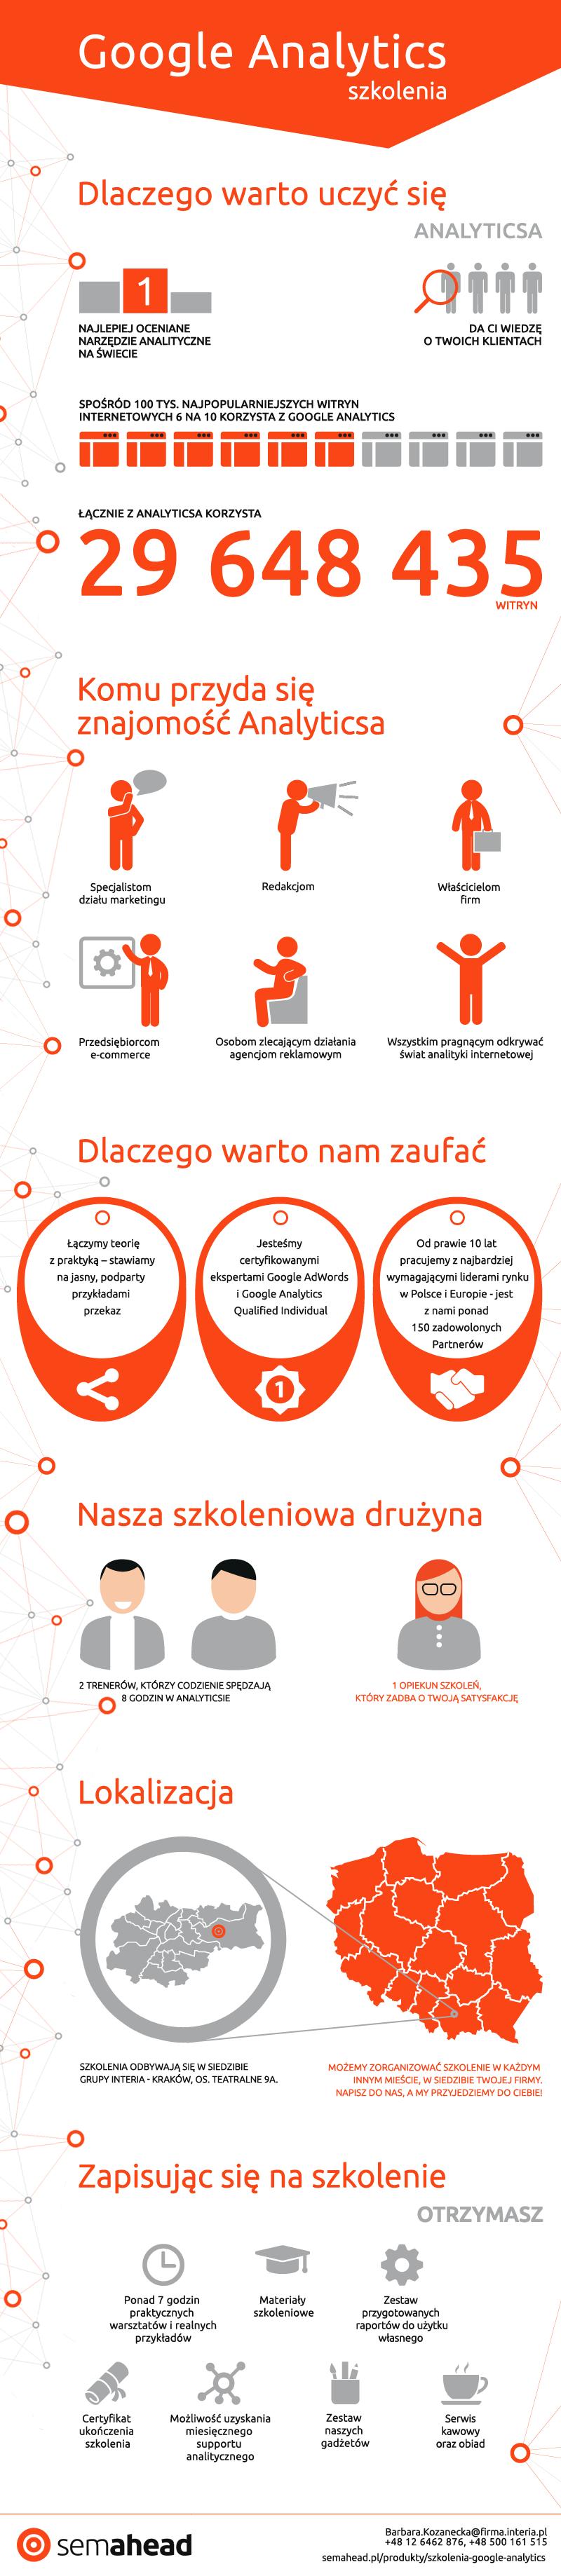 infografika_semahead_szkolenia